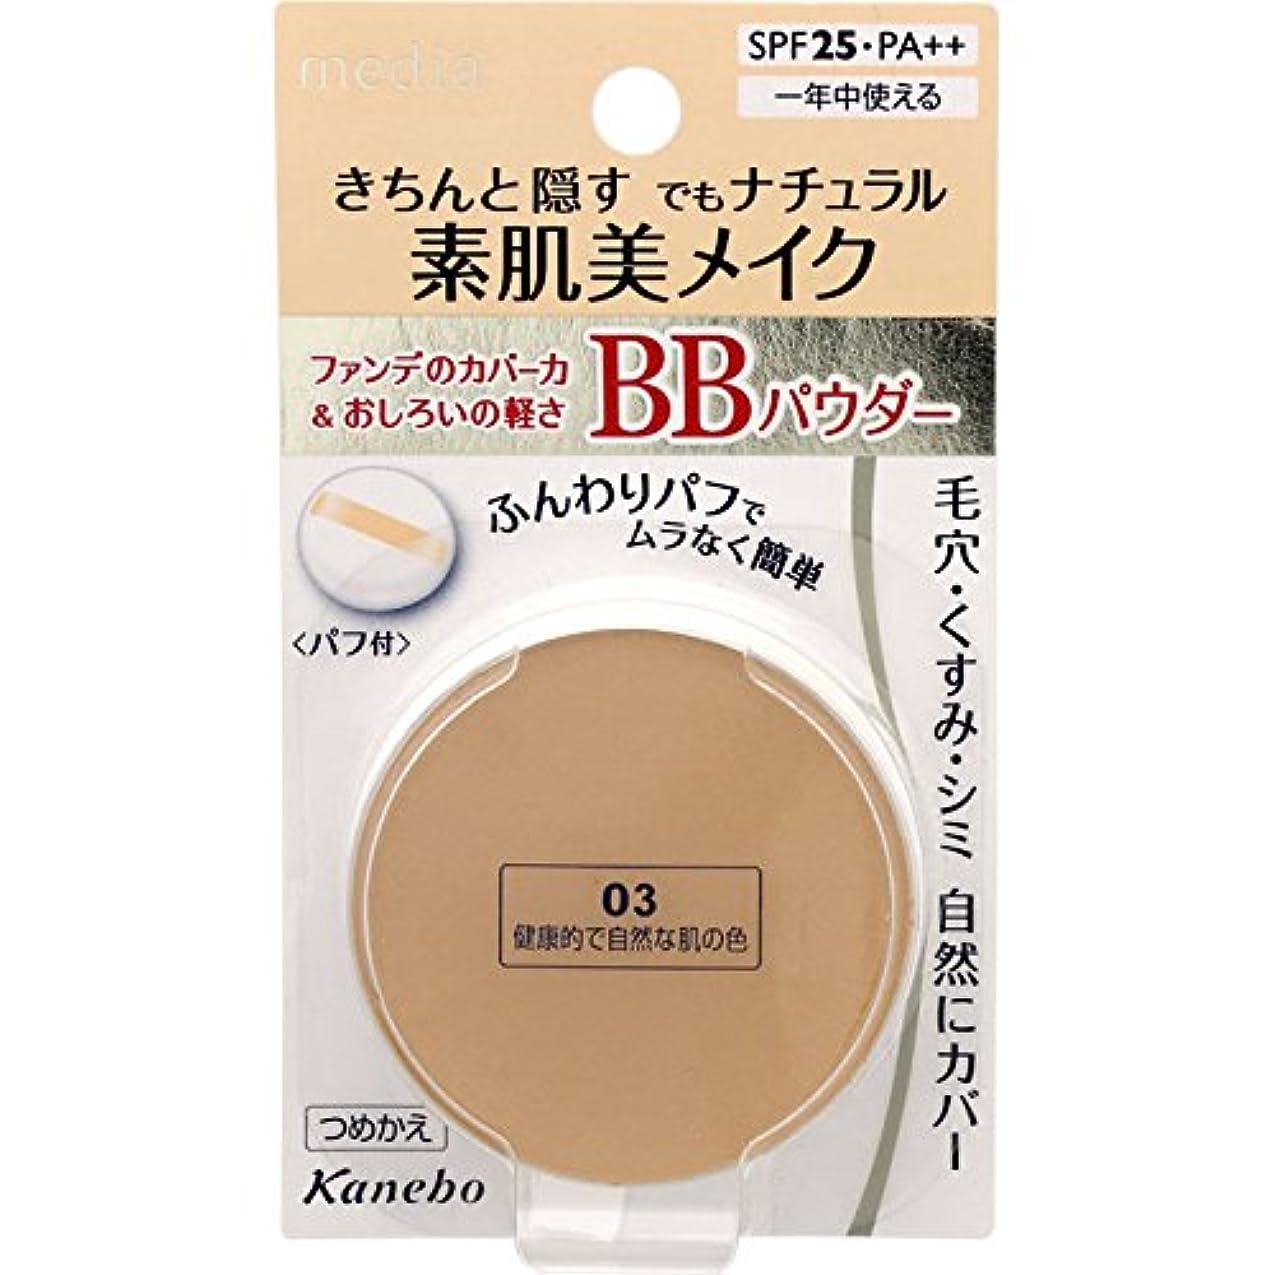 ライラック調停する重要性メディアBBパウダー03(健康的で自然な肌の色)×5